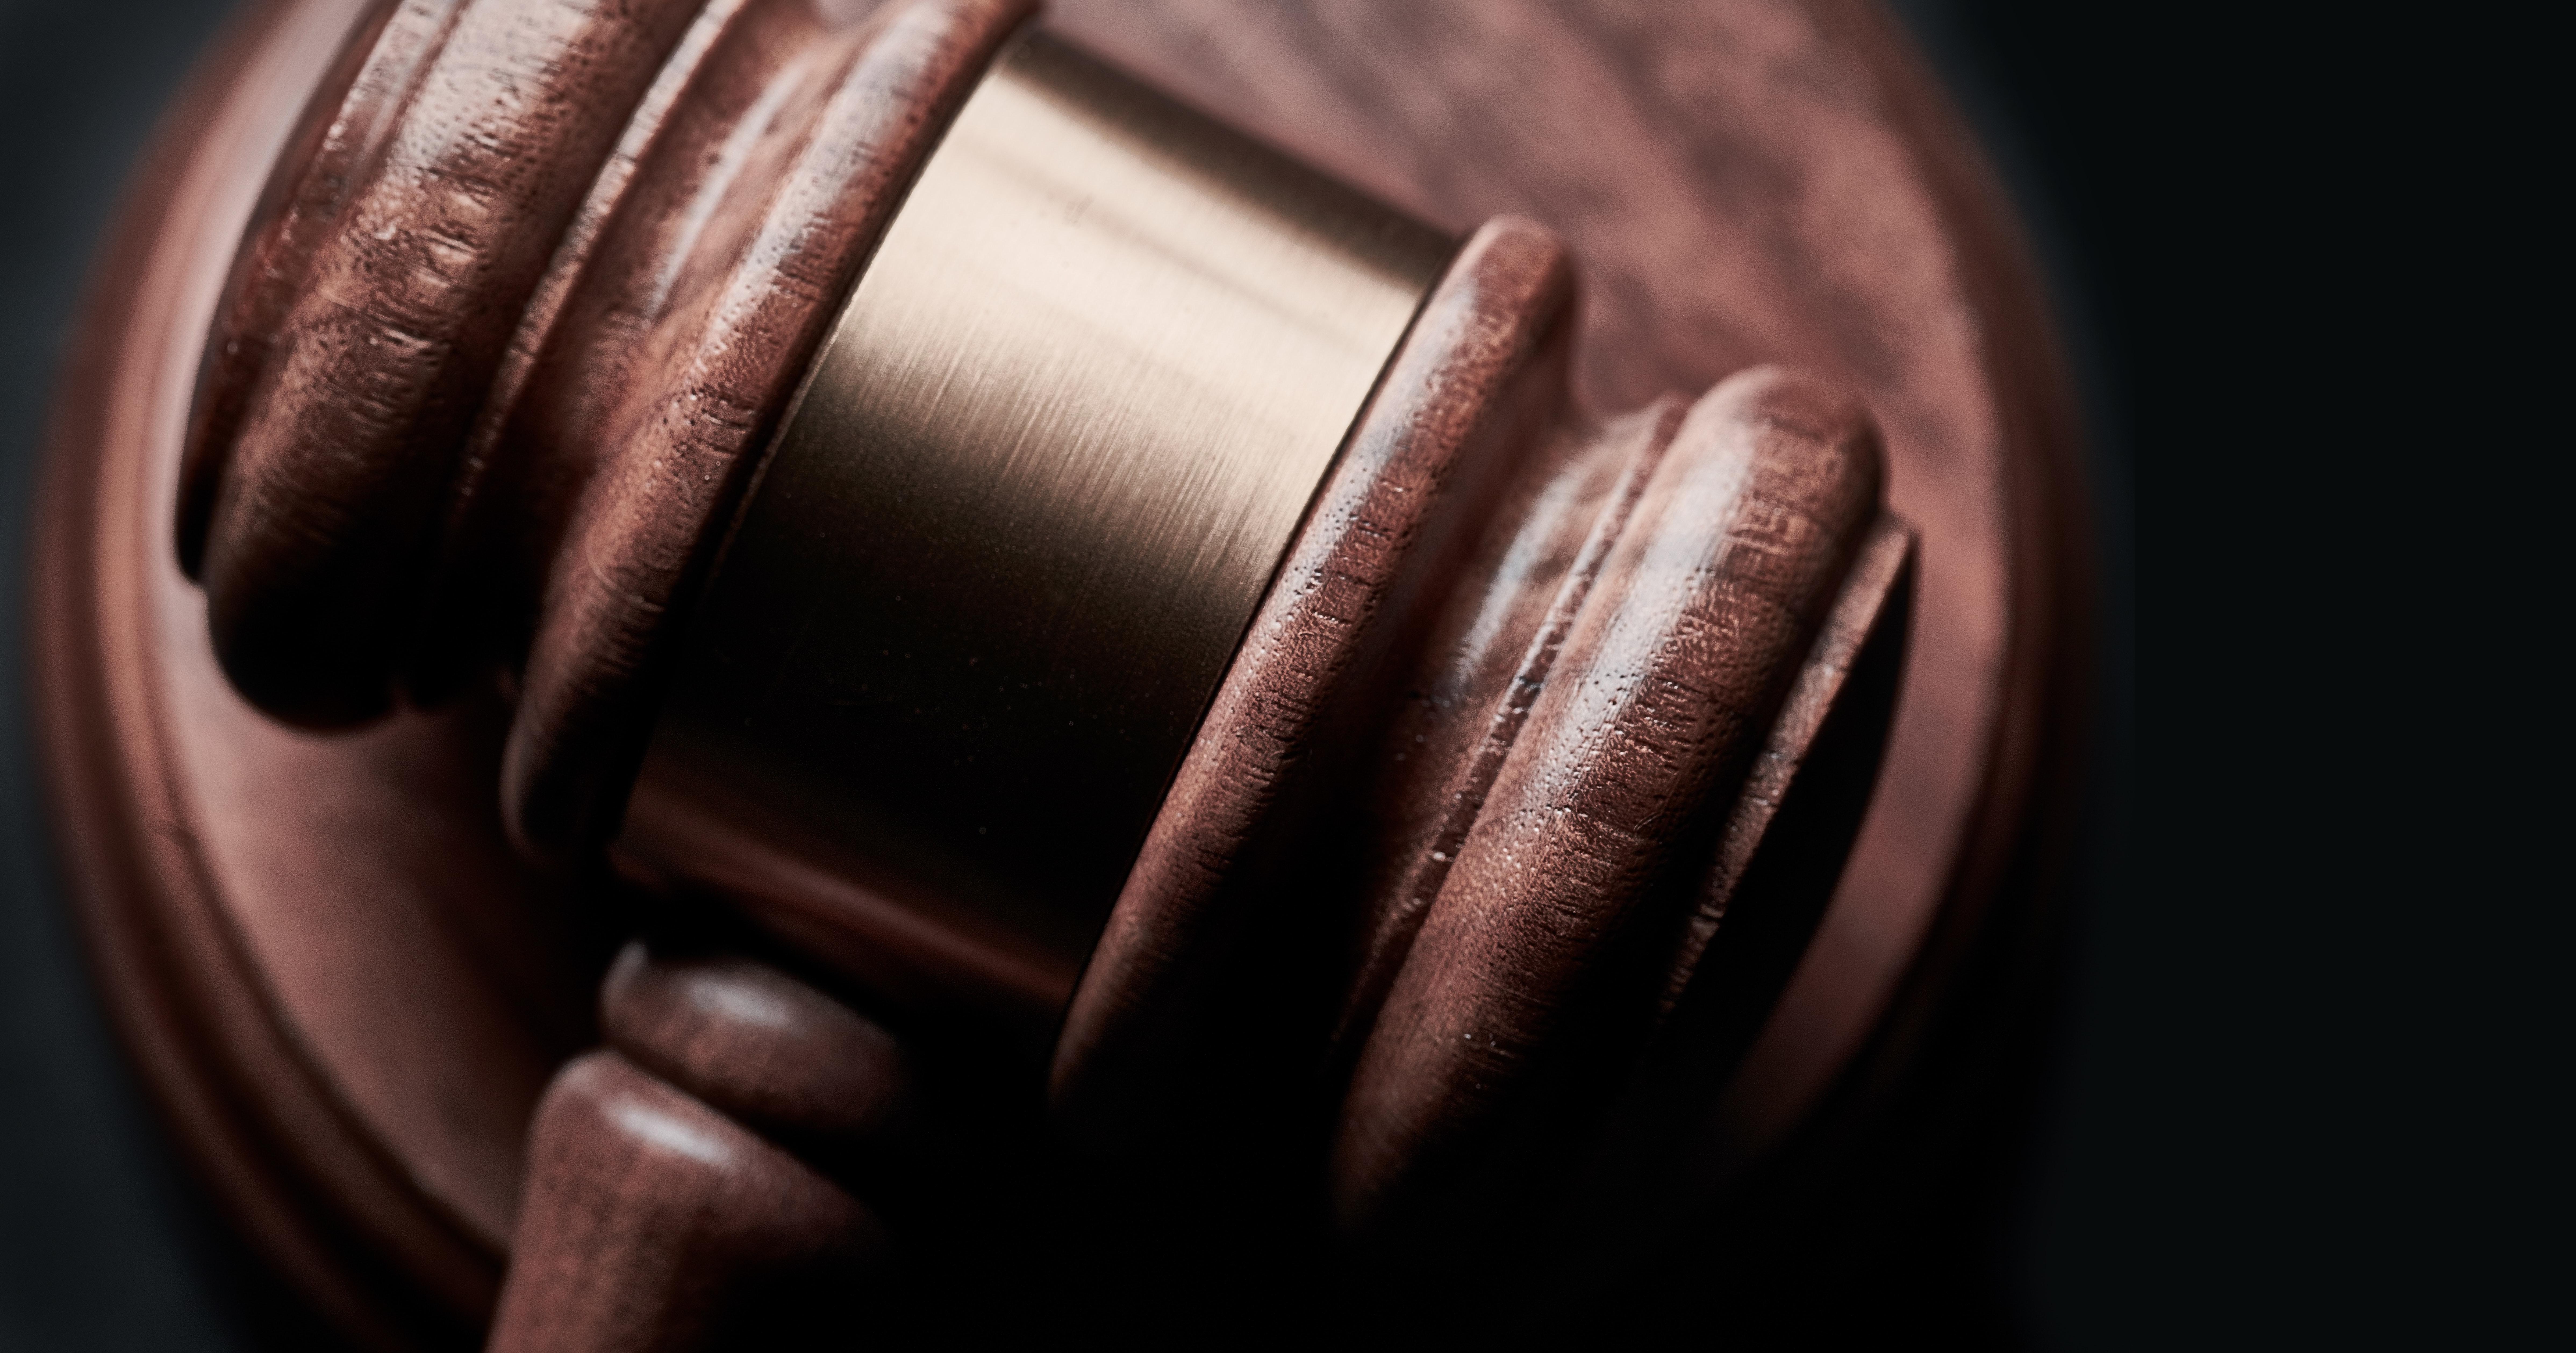 Ressources outils informations juridiques droit d'alerte se défendre protection